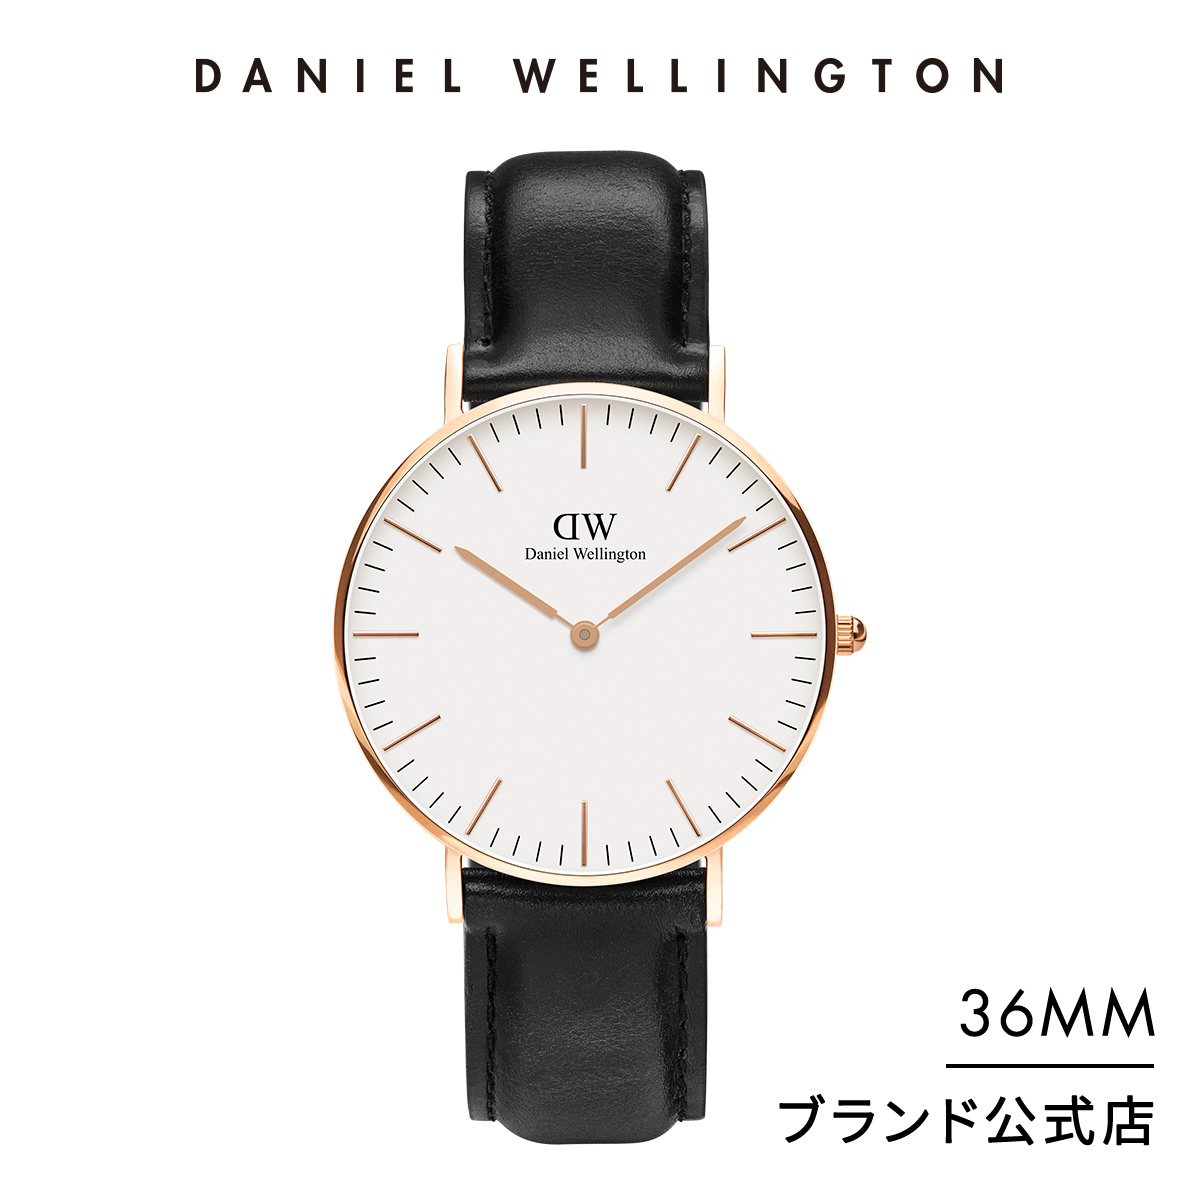 【公式2年保証/送料無料】ダニエルウェリントン公式 レディース 腕時計 Classic Sheffield 36mm 革 ベルト クラシック シェフィールド DW プレゼント おしゃれ インスタ映え ブランド 彼女 彼氏 ペアスタイルに最適 ウォッチ ホワイトデー